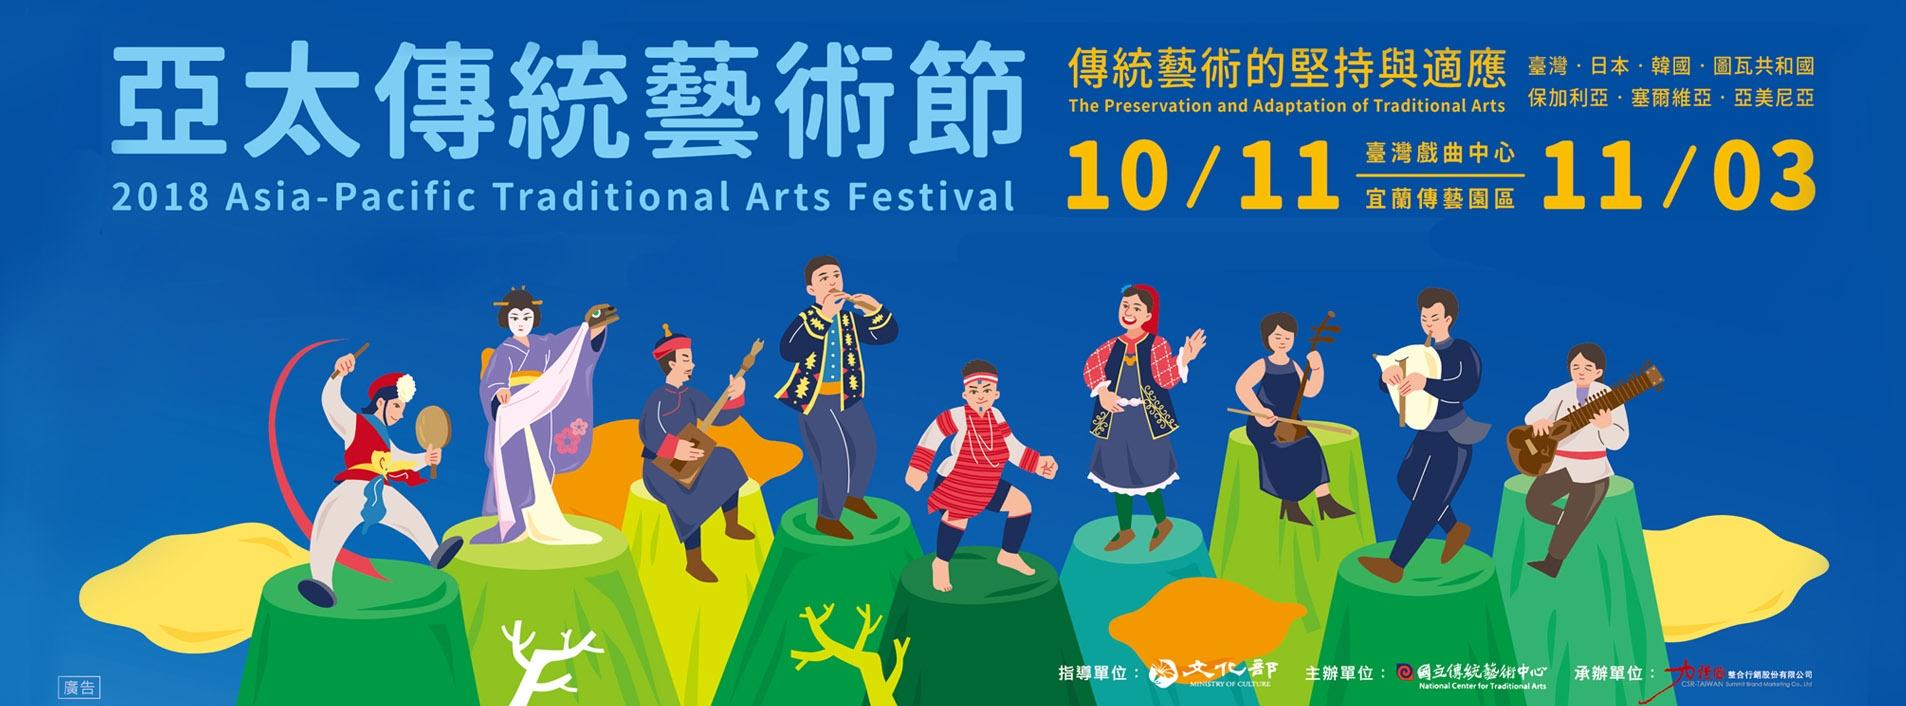 2018亞太傳統藝術節[另開新視窗]